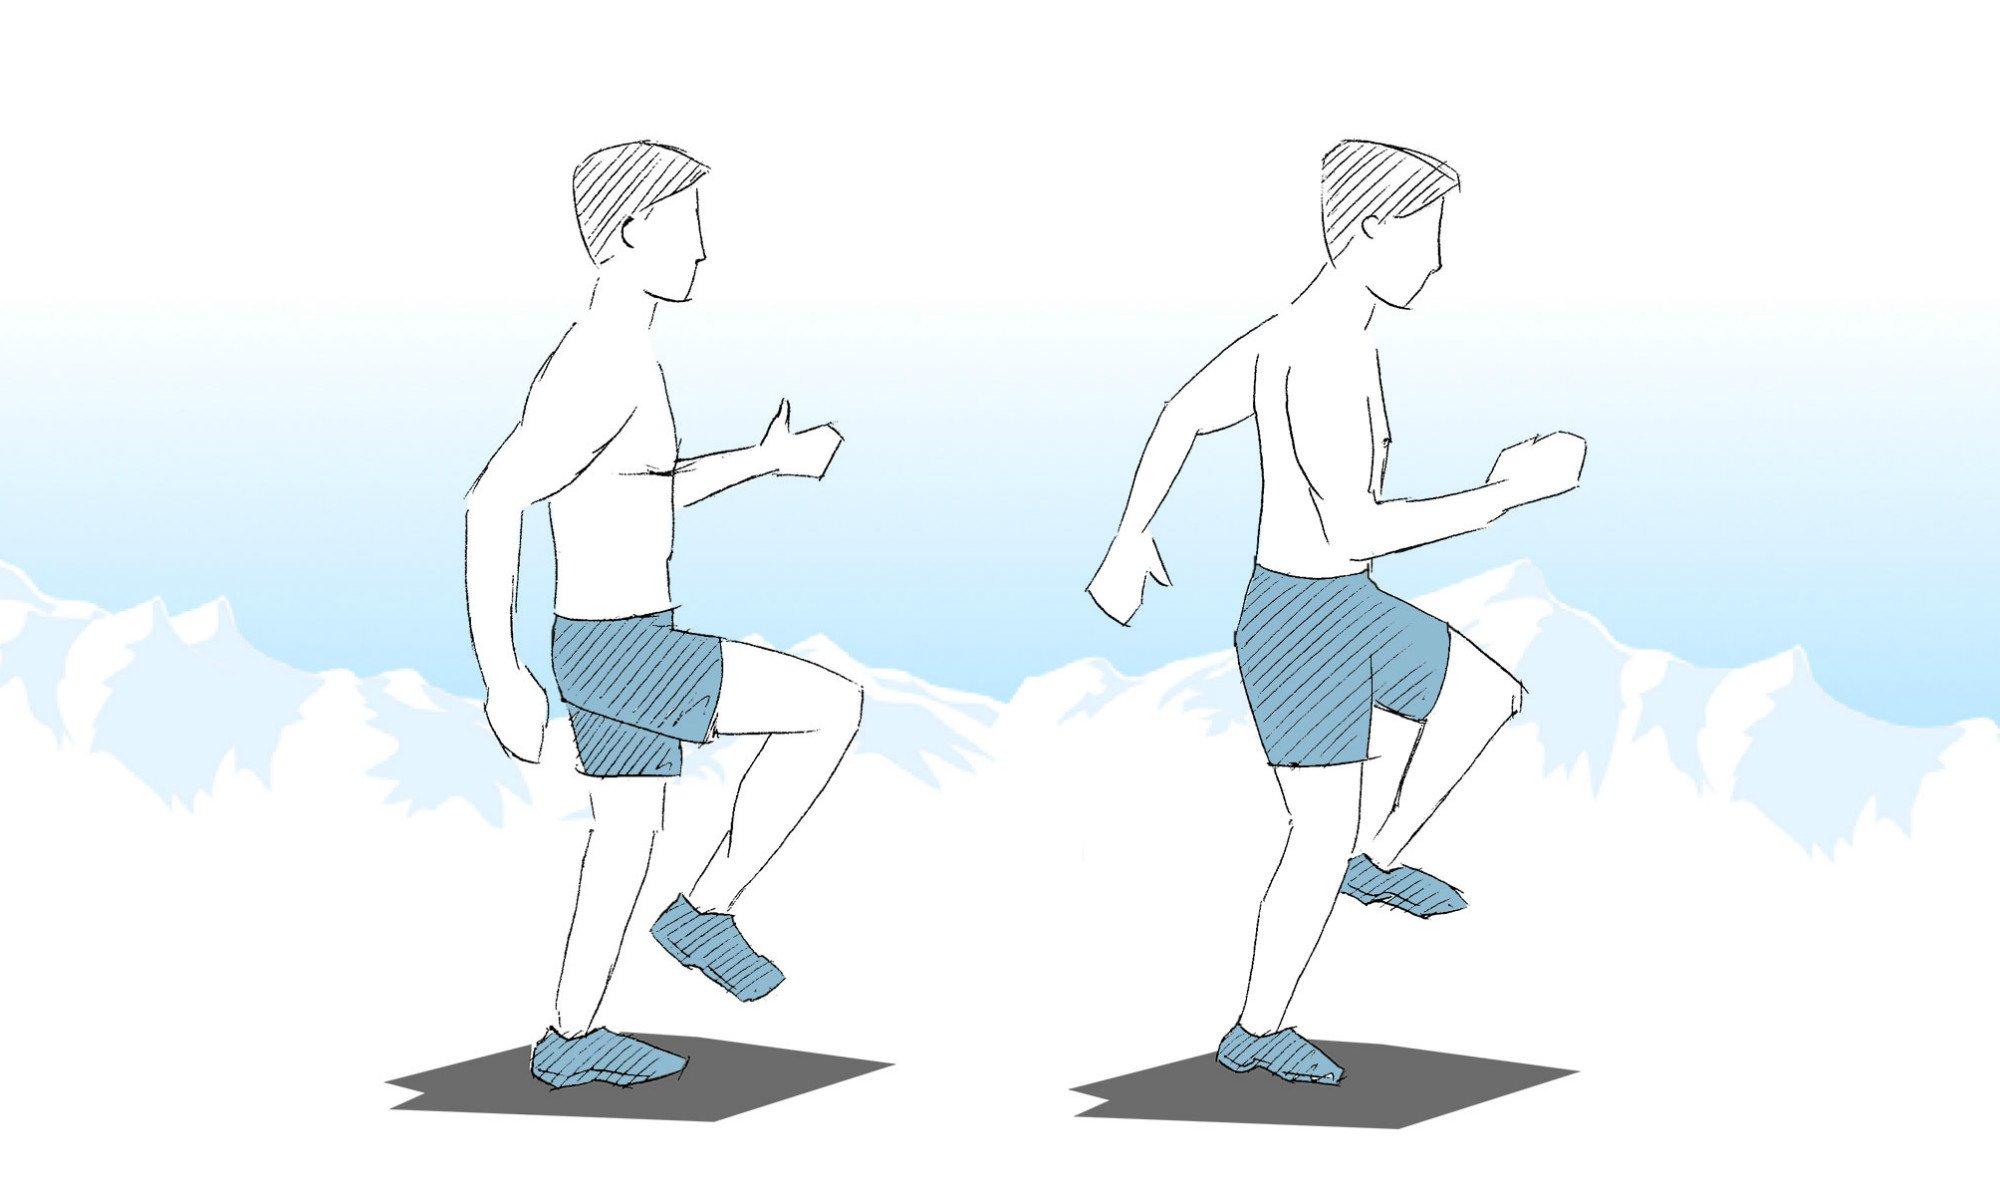 Représentation de l'exercice de marche sur place.